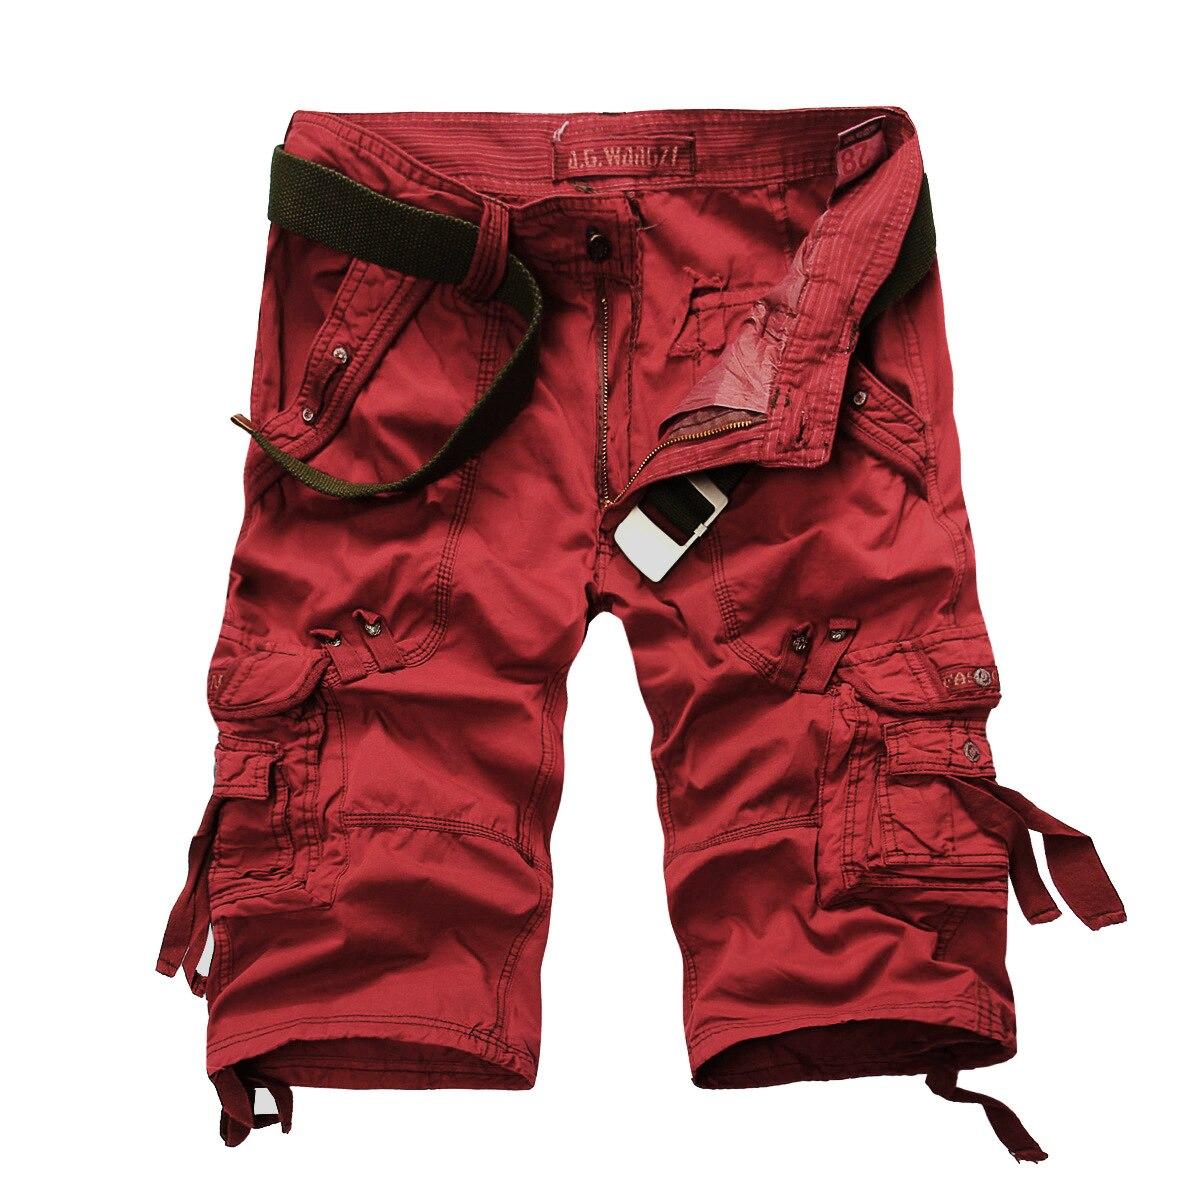 Mens Mens Cargo Shorts Multi Pockets Short for Men Cargo Shorts 5820